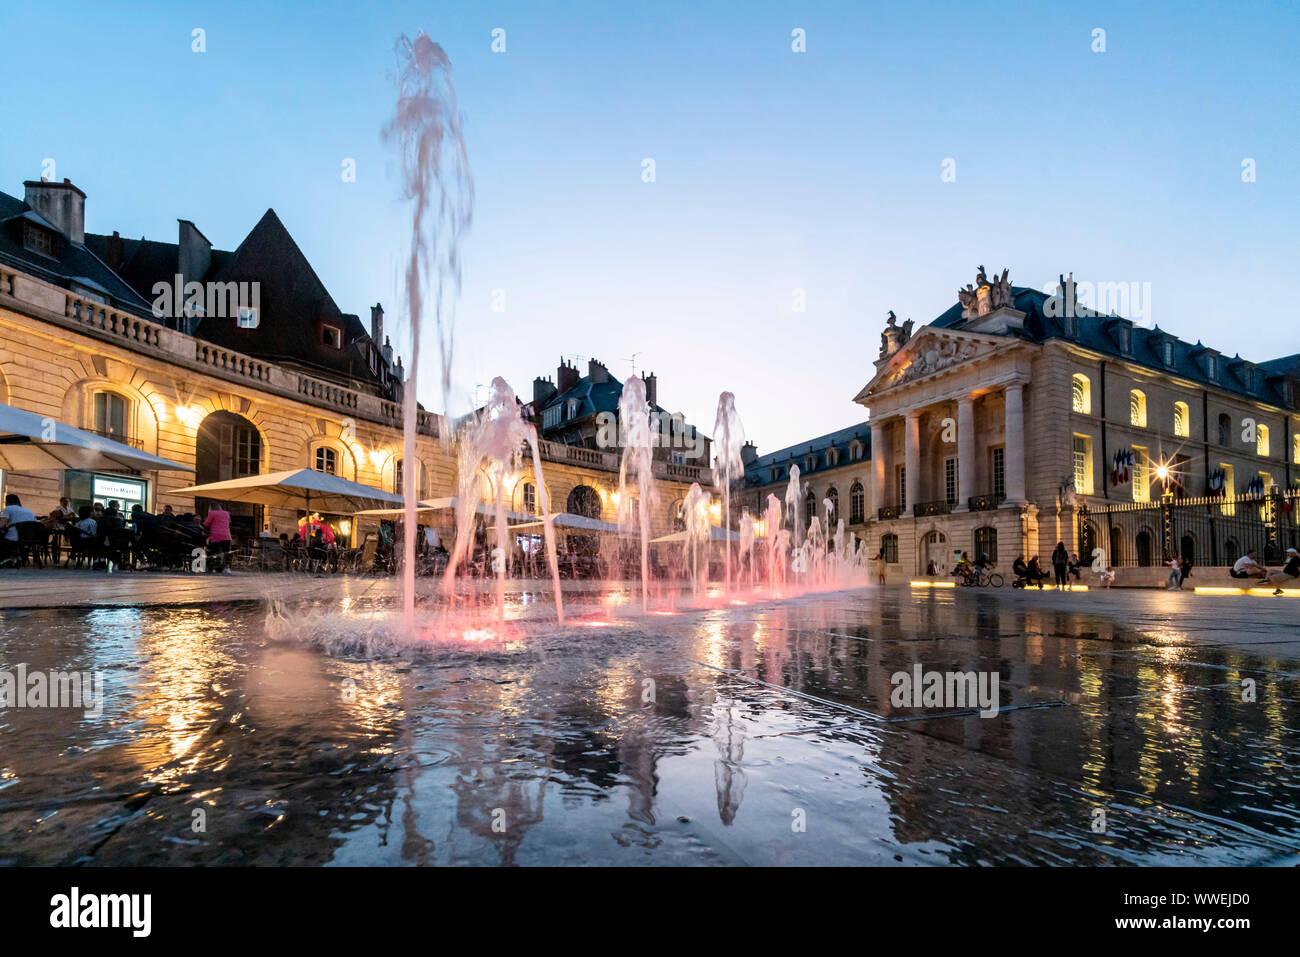 water fountains at Place de la Liberation in Dijon, Le palais des ducs de Bourgogne, ducs palace, Cote d Or, Burgundy, France Stock Photo